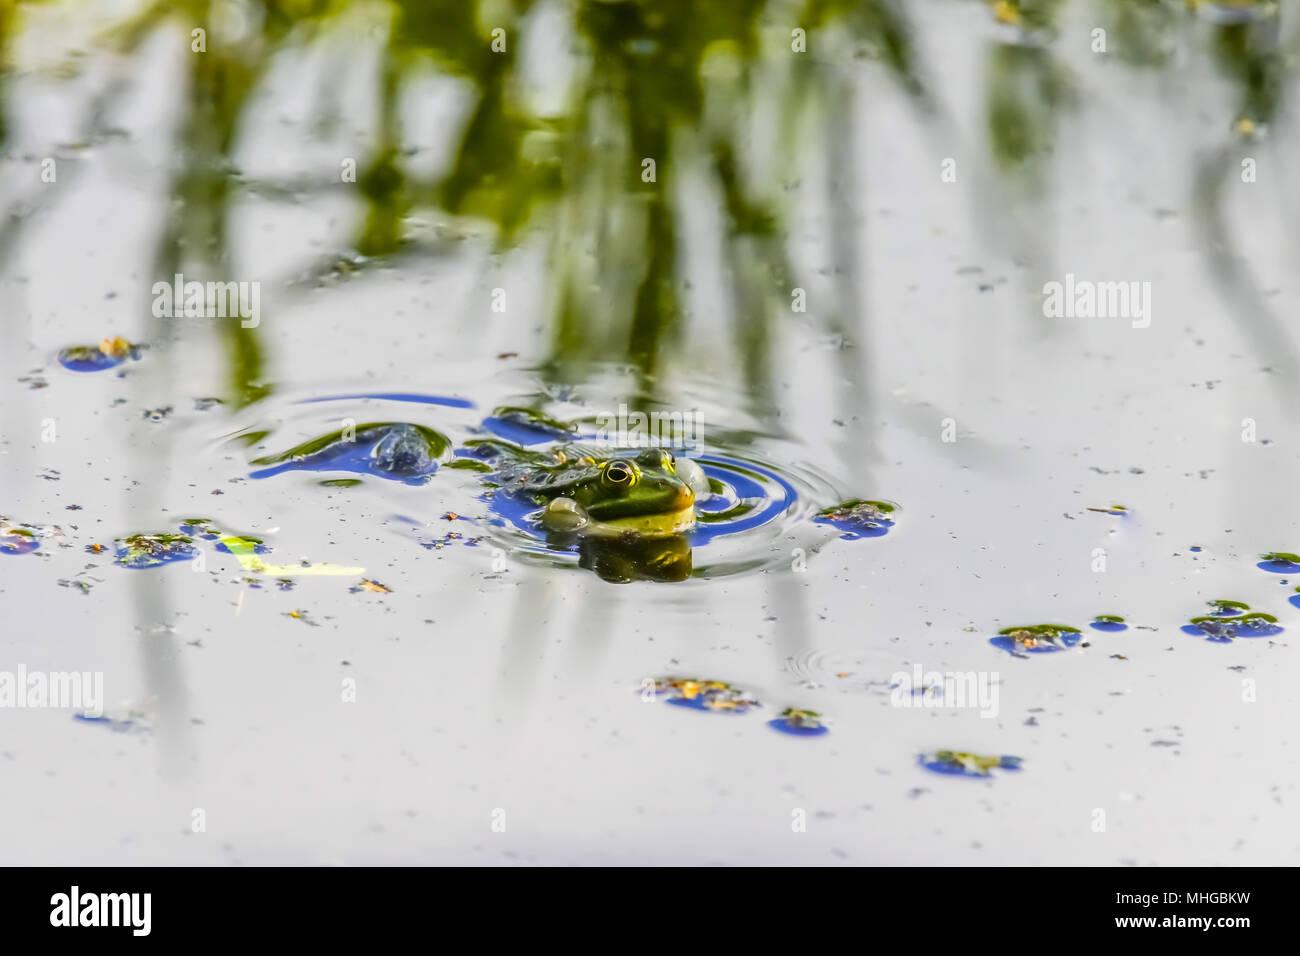 Edible frog (Pelophylax kl. esculentus), Lange Erlen, Switzerland. Stock Photo